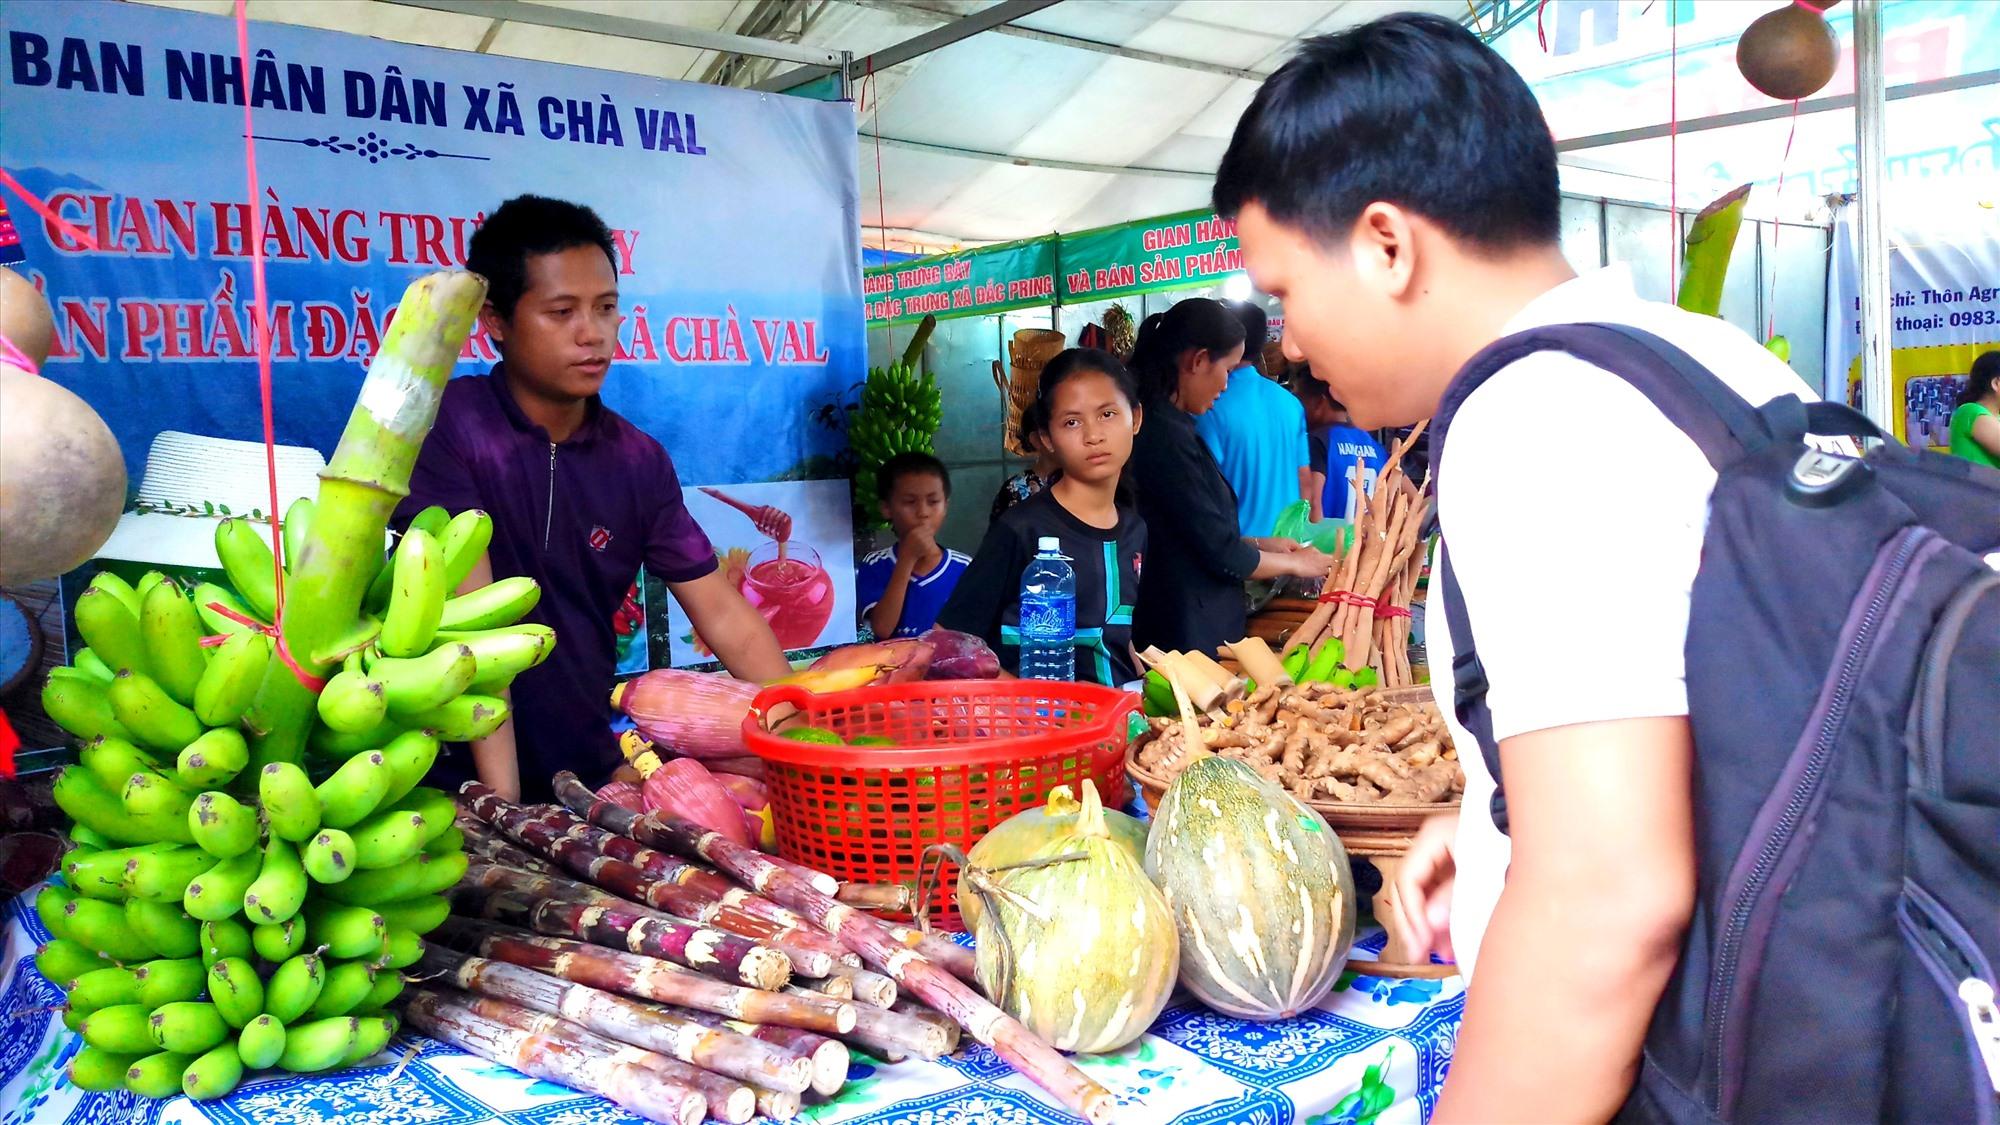 Từ các nghị quyết của Đảng bộ về phát triển kinh tế, nhiều mô hình mới được hình thành, góp phần nâng cao chất lượng đời sống đồng bào địa phương. Ảnh: ALĂNG NGƯỚC